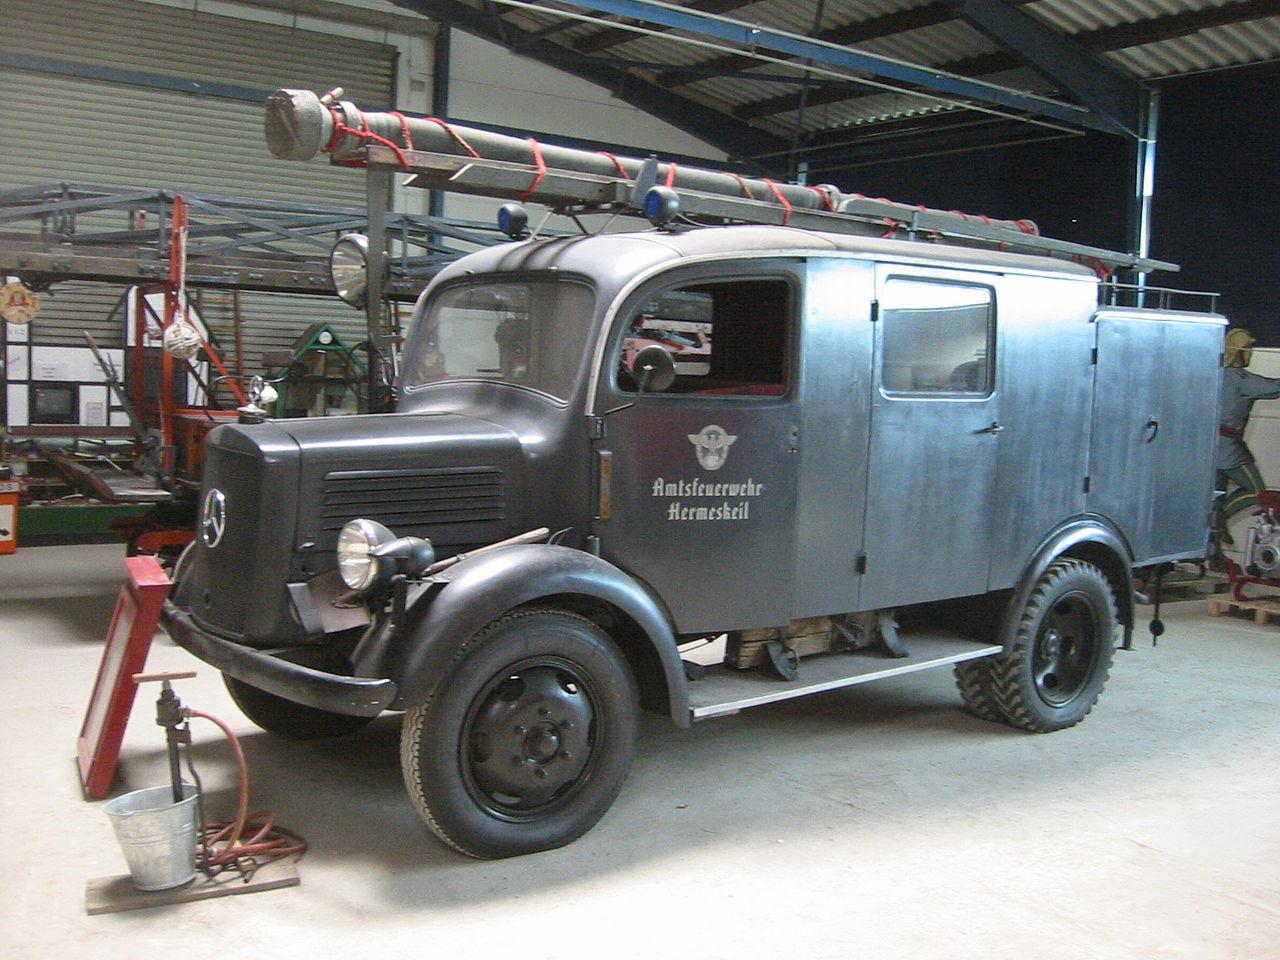 Bild Feuerwehrmuseum Feuerpatsche Hermeskeil